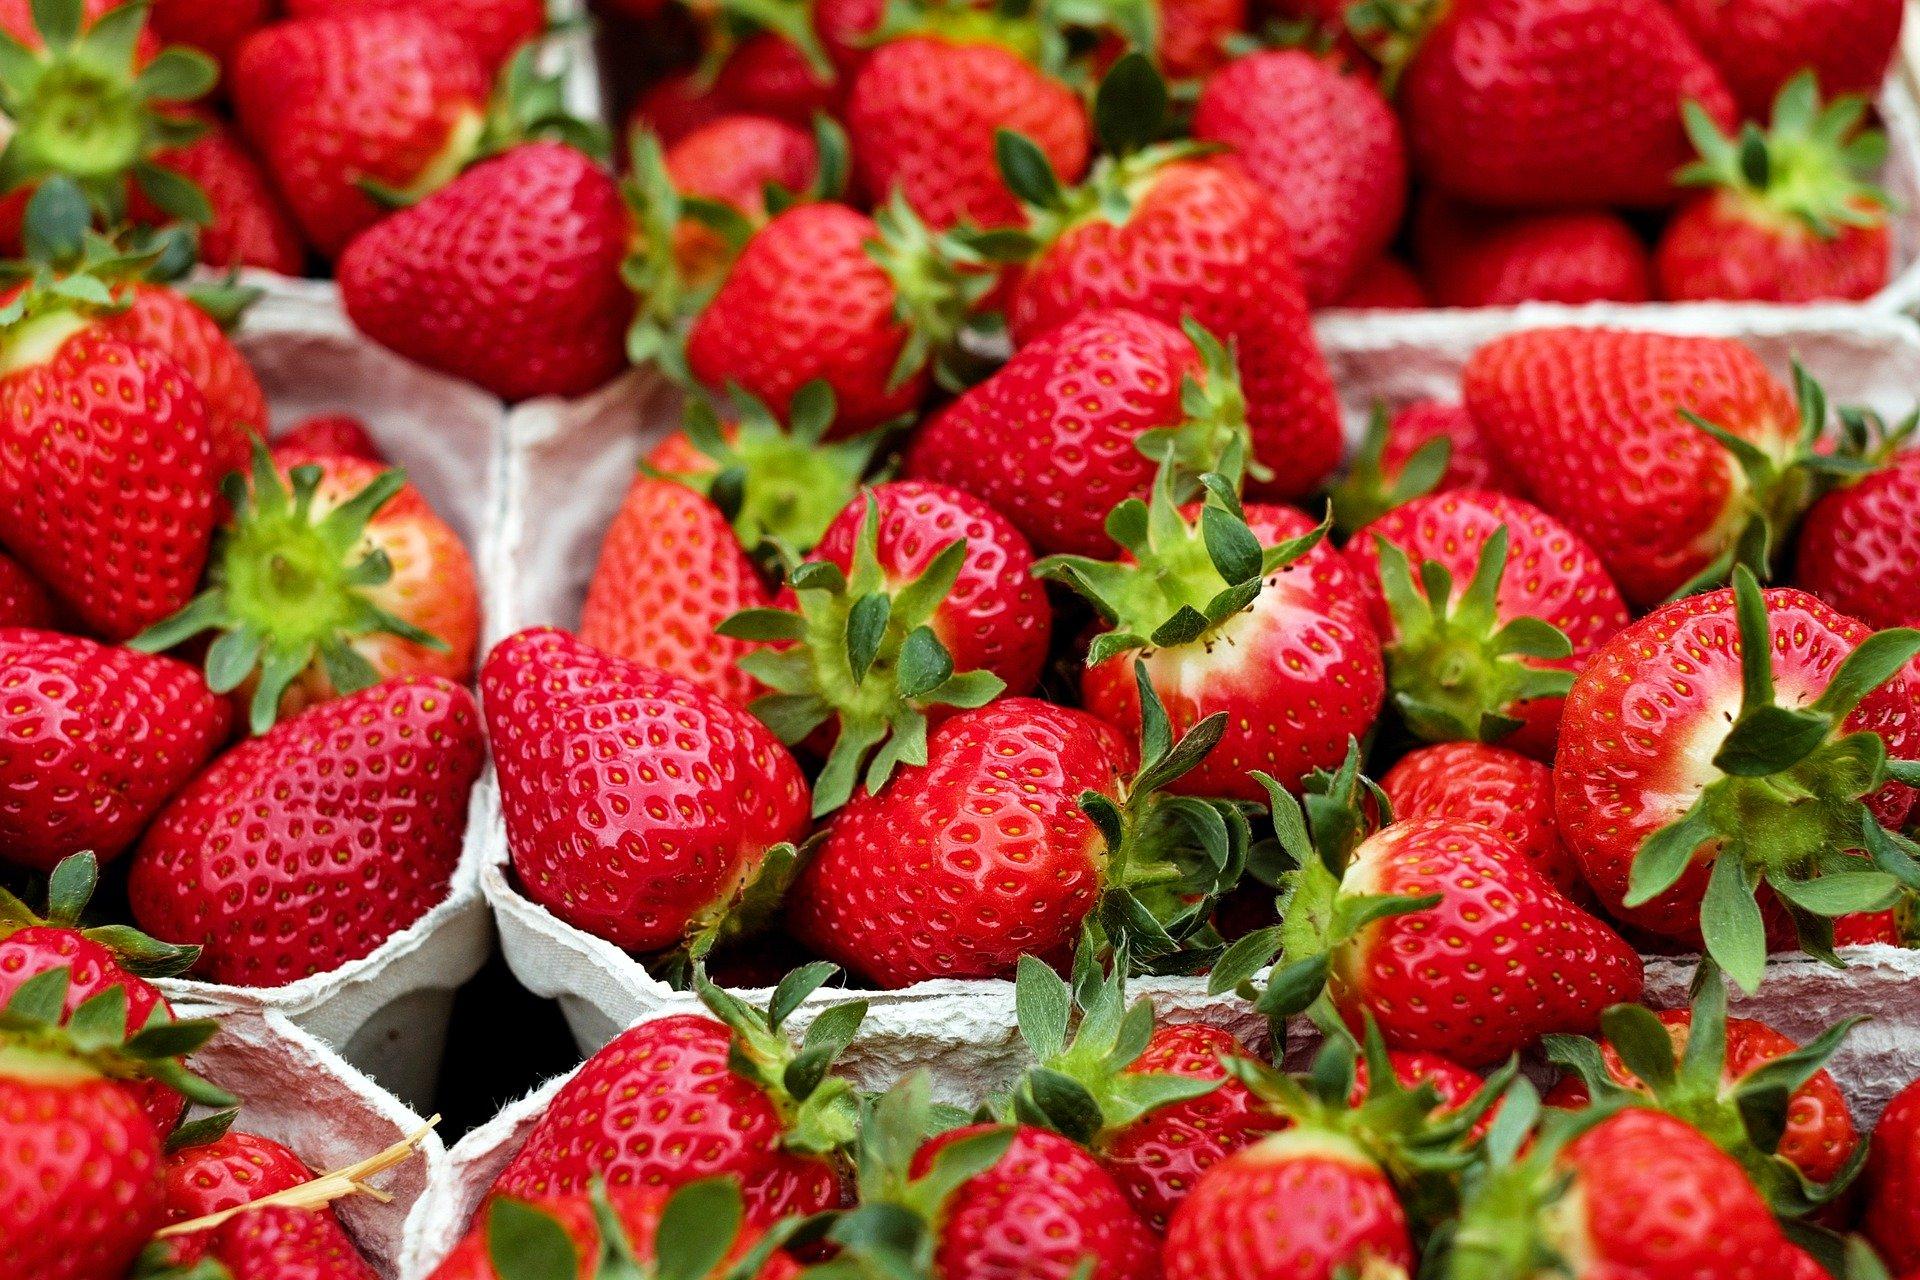 strawberries-1396330 1920